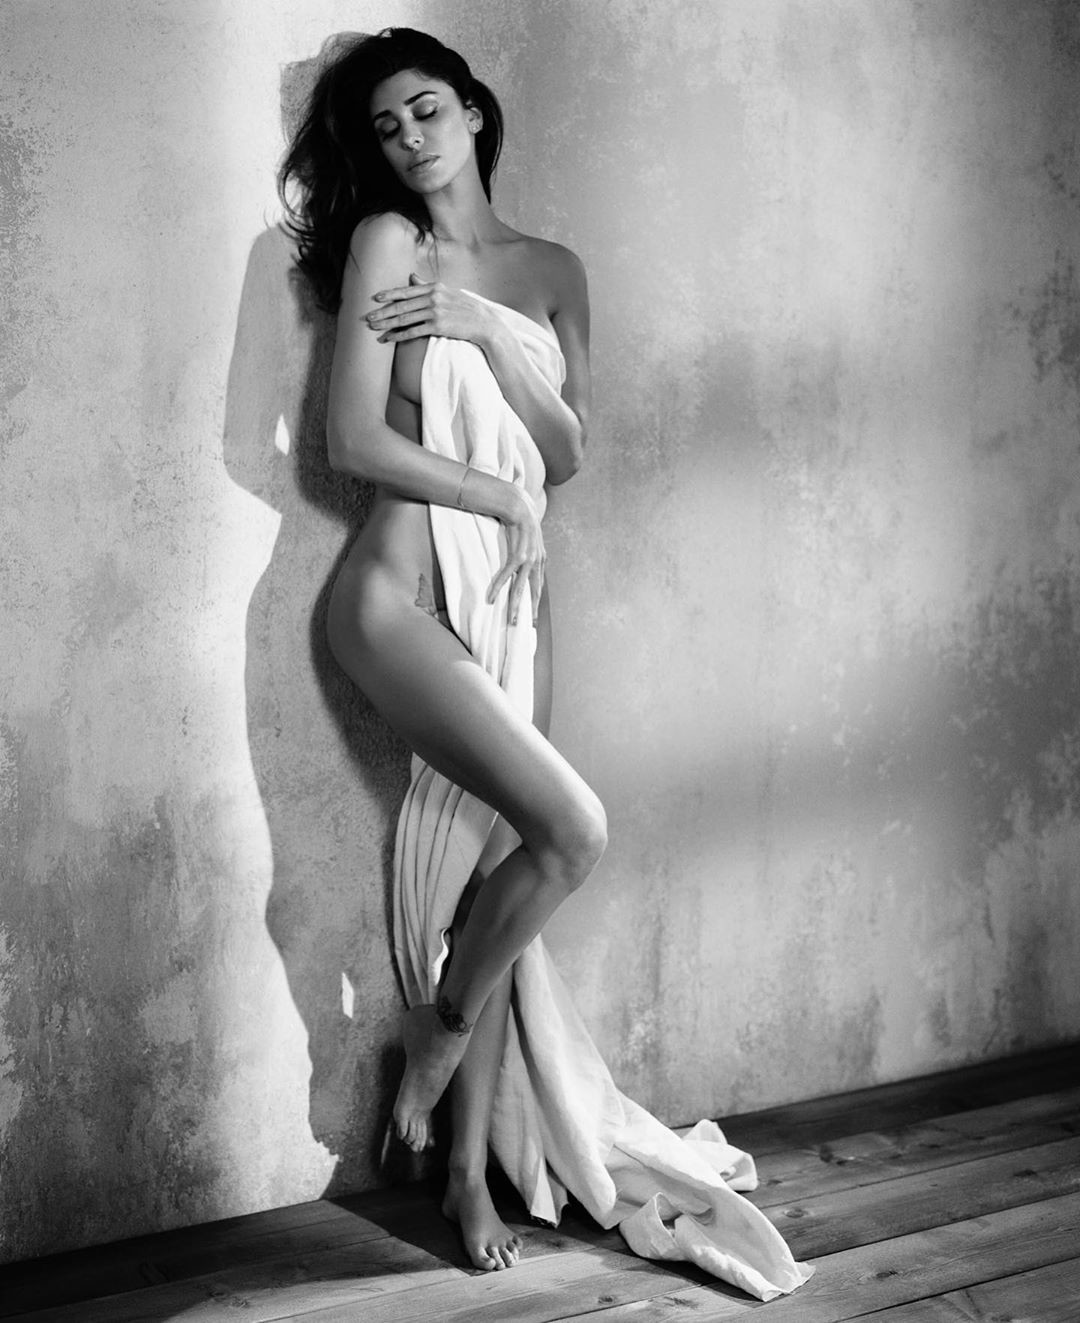 Belen lascia sempre senza fiato su Instagram. Ma questa volta lo scatto è da brividi: completamente nuda (con tanto di tatuaggio in vista)coperta solo parzialmenteda un lenzuolo bianco...